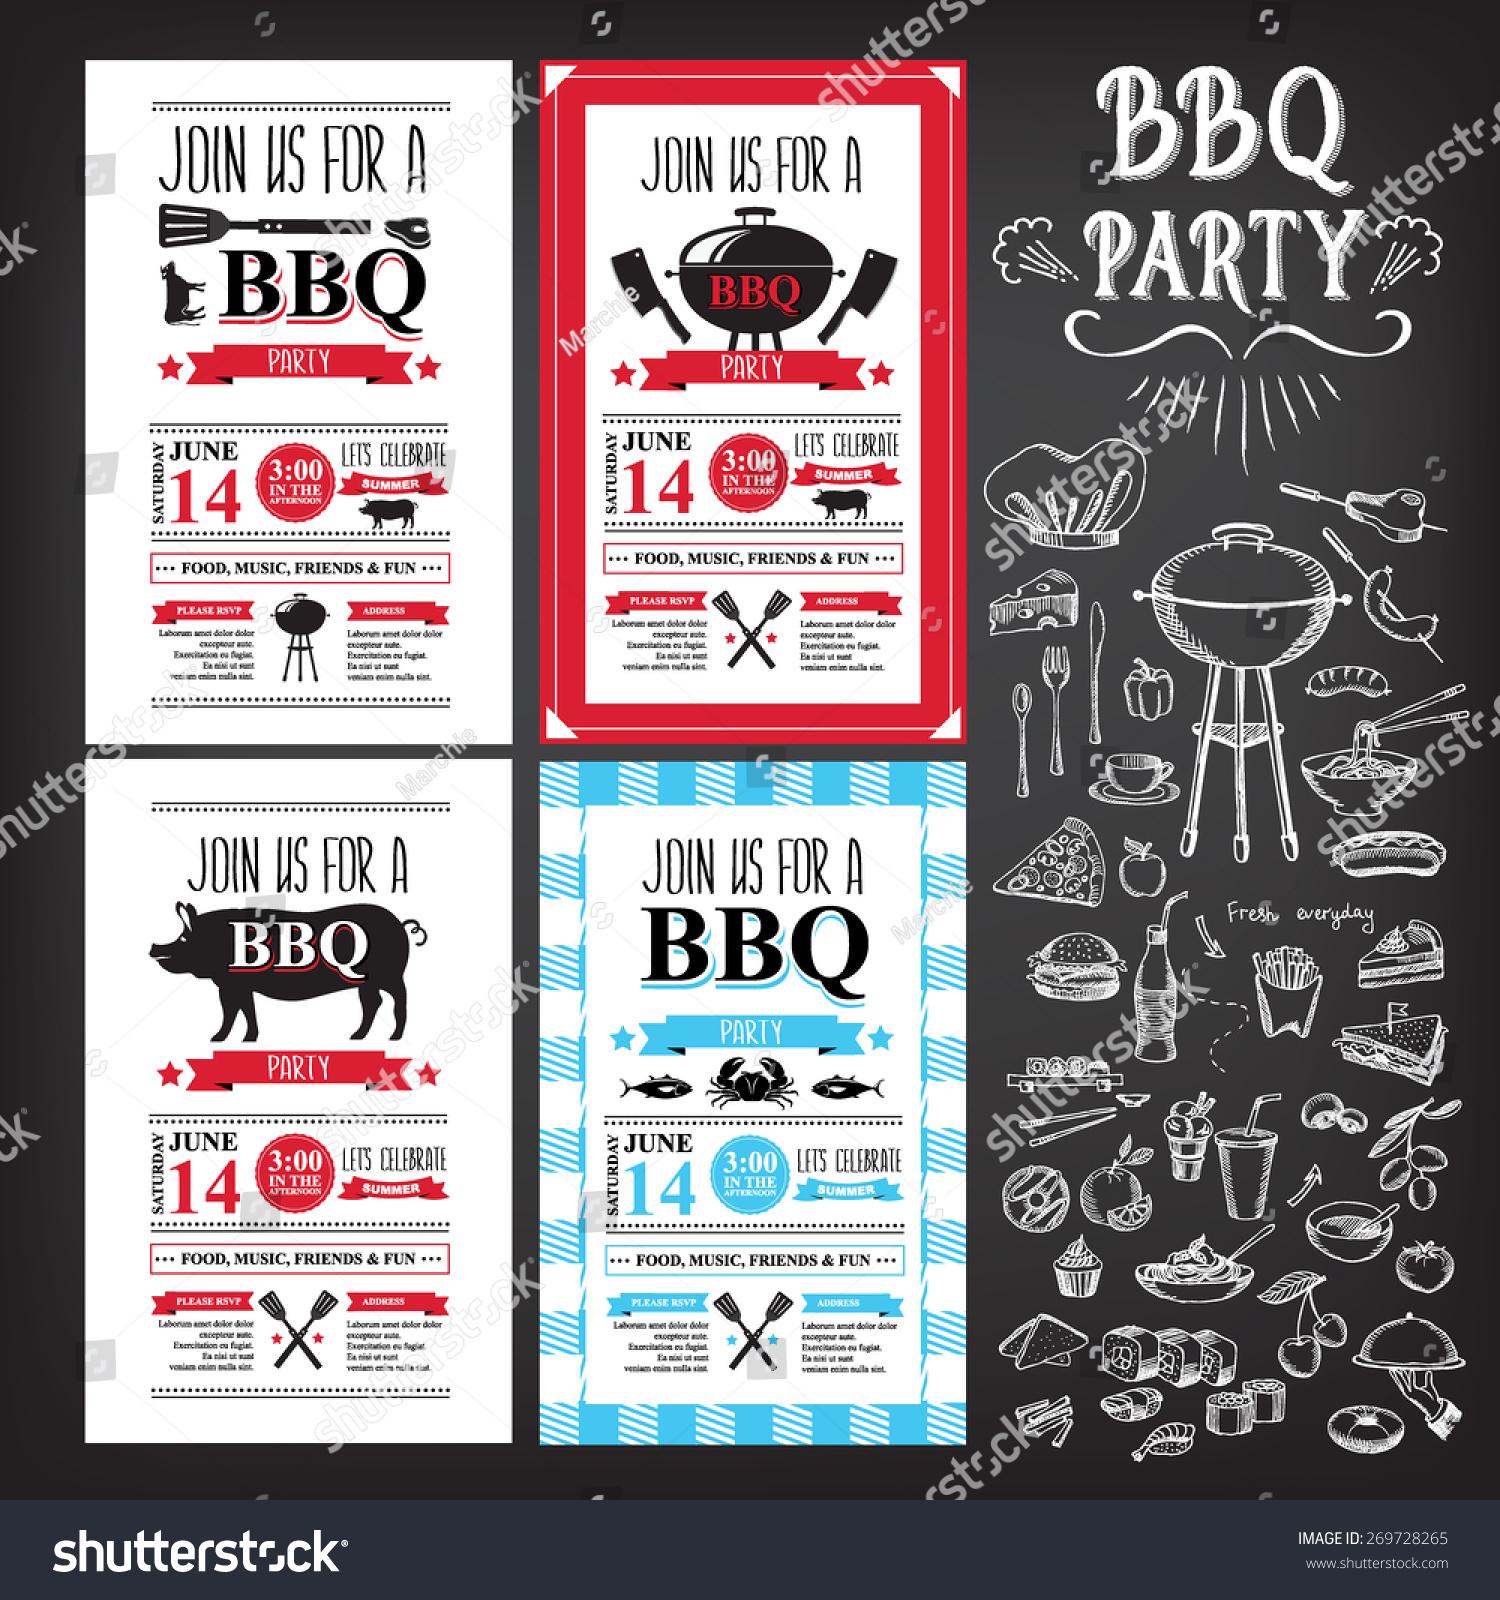 barbecue party invitation bbq template menu のベクター画像素材